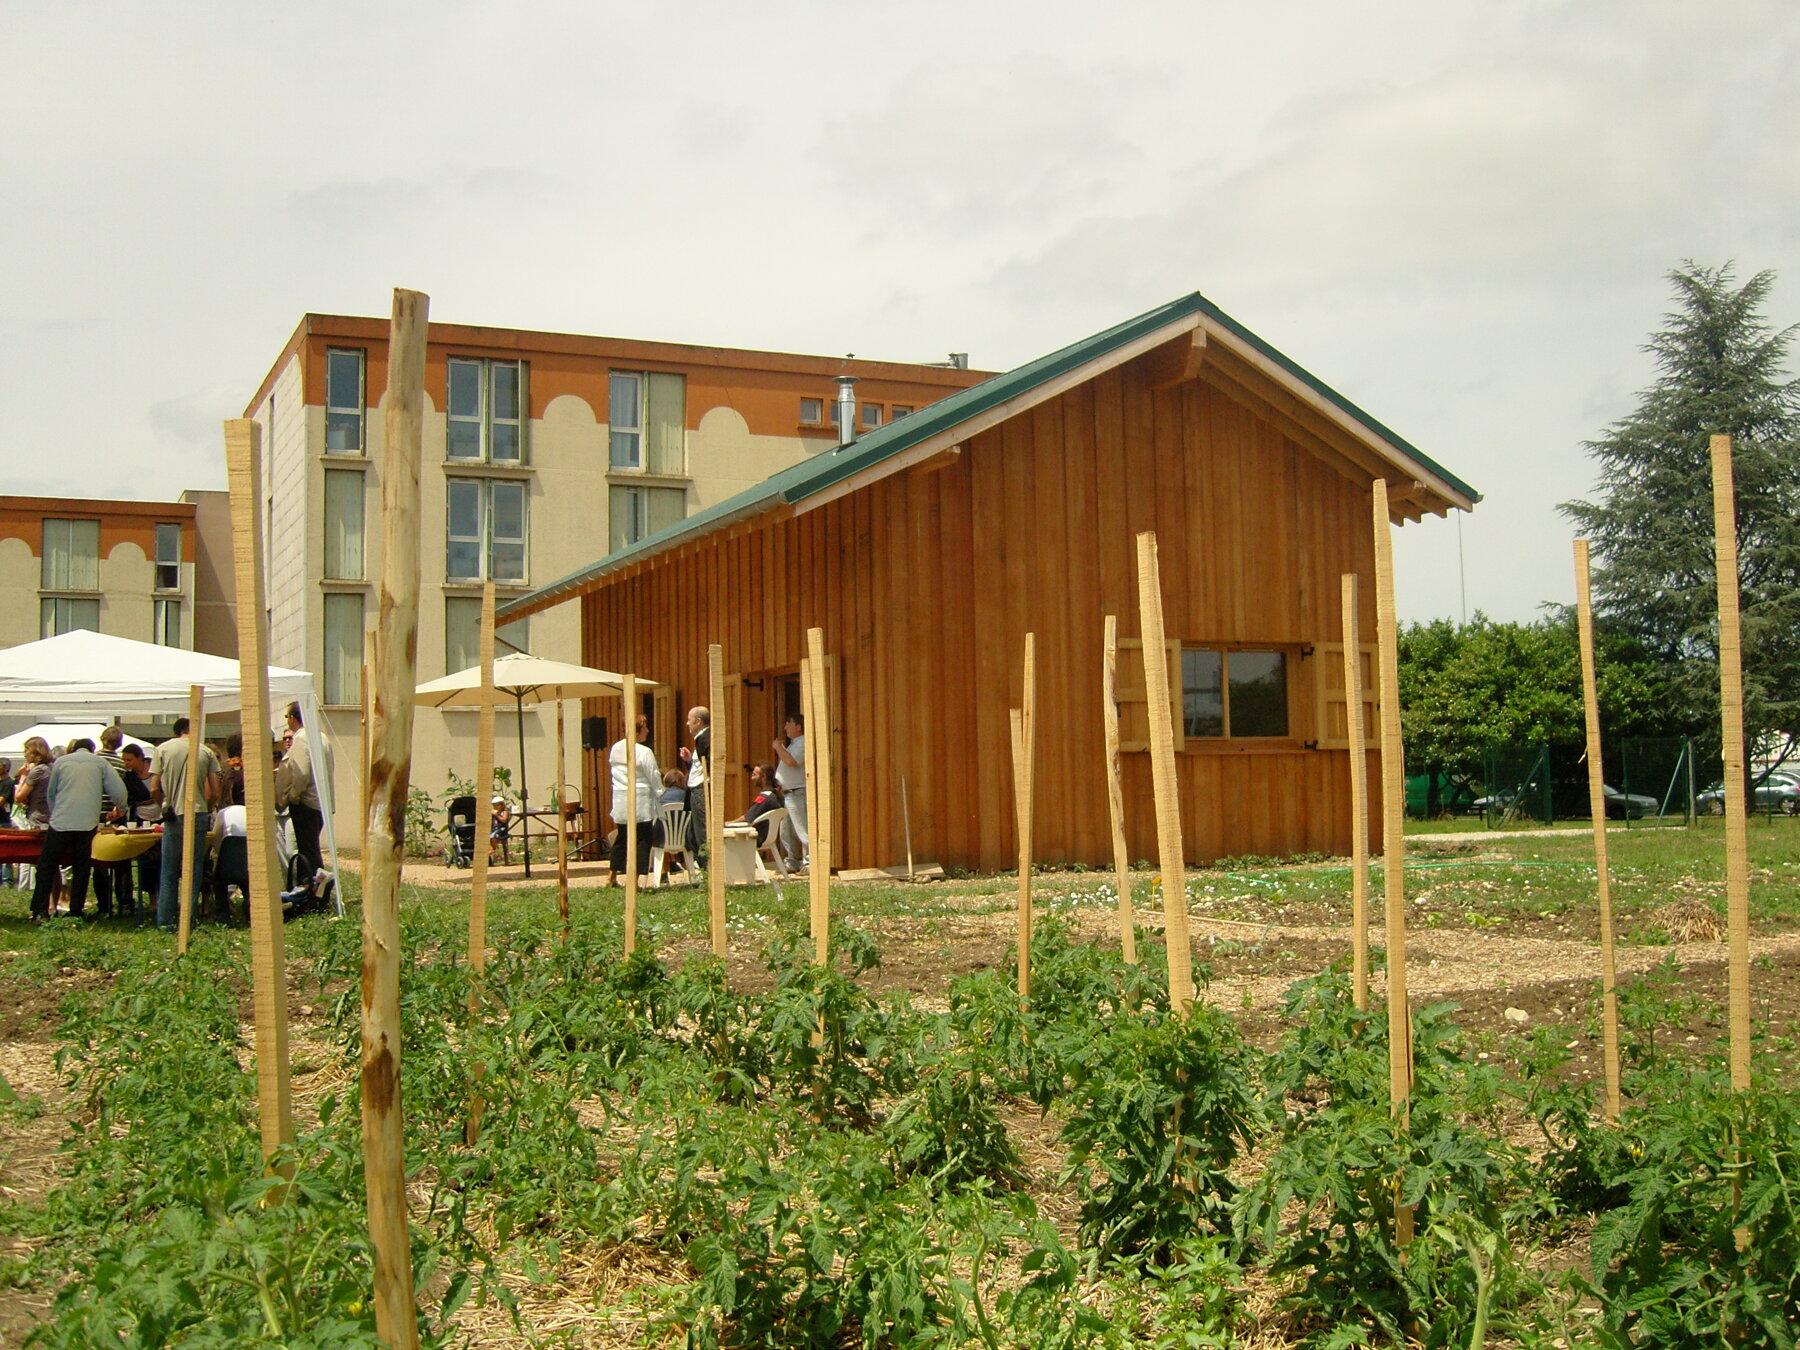 Maison Ecologique des Eco Jardiniers